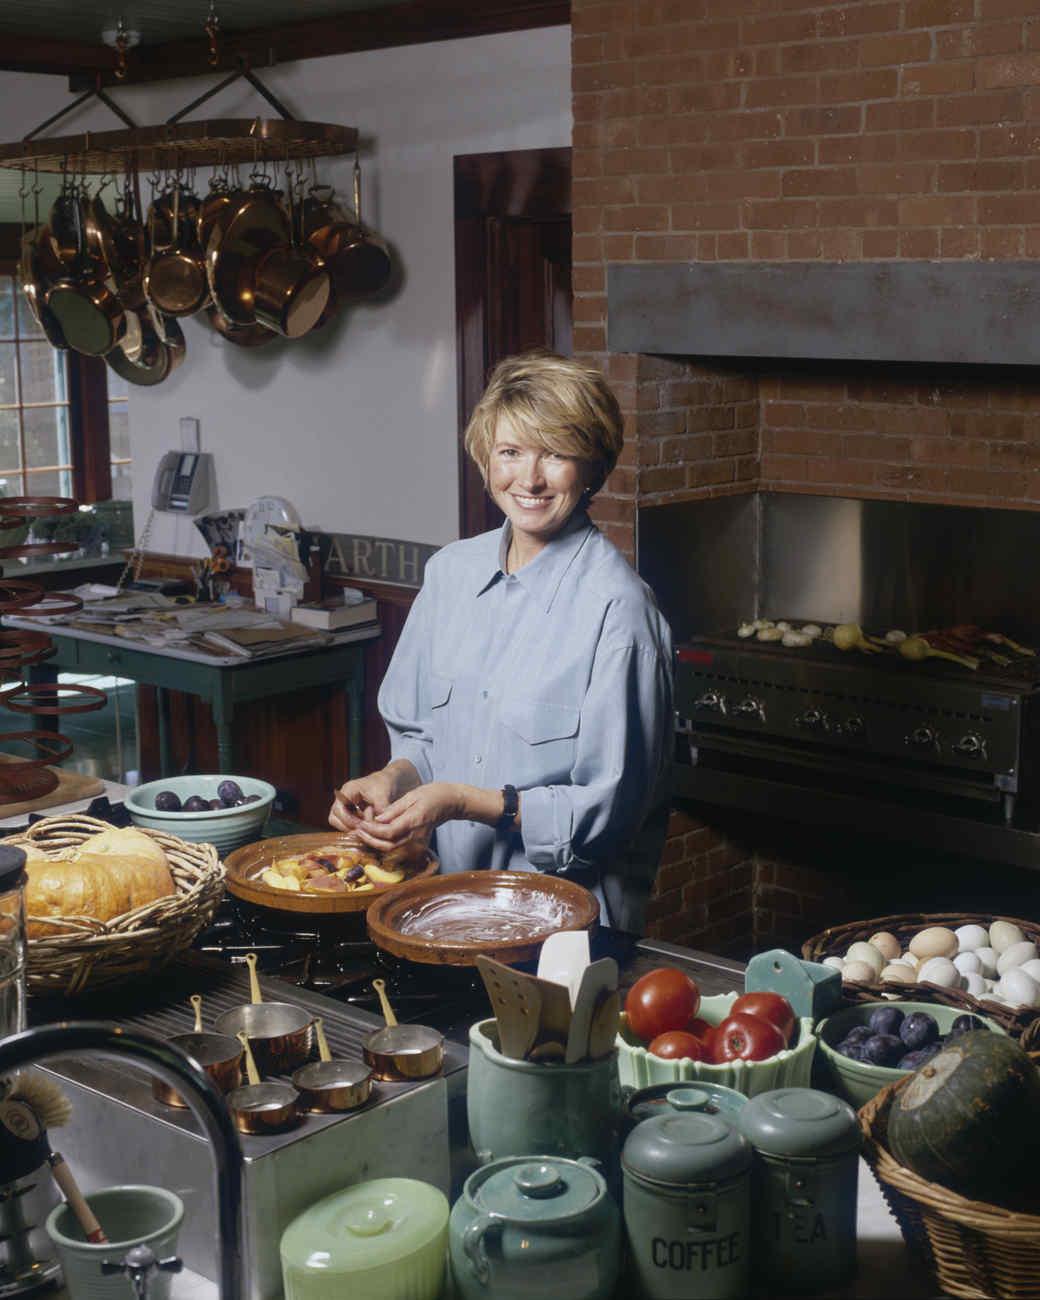 martha stewart show kitchen 1996